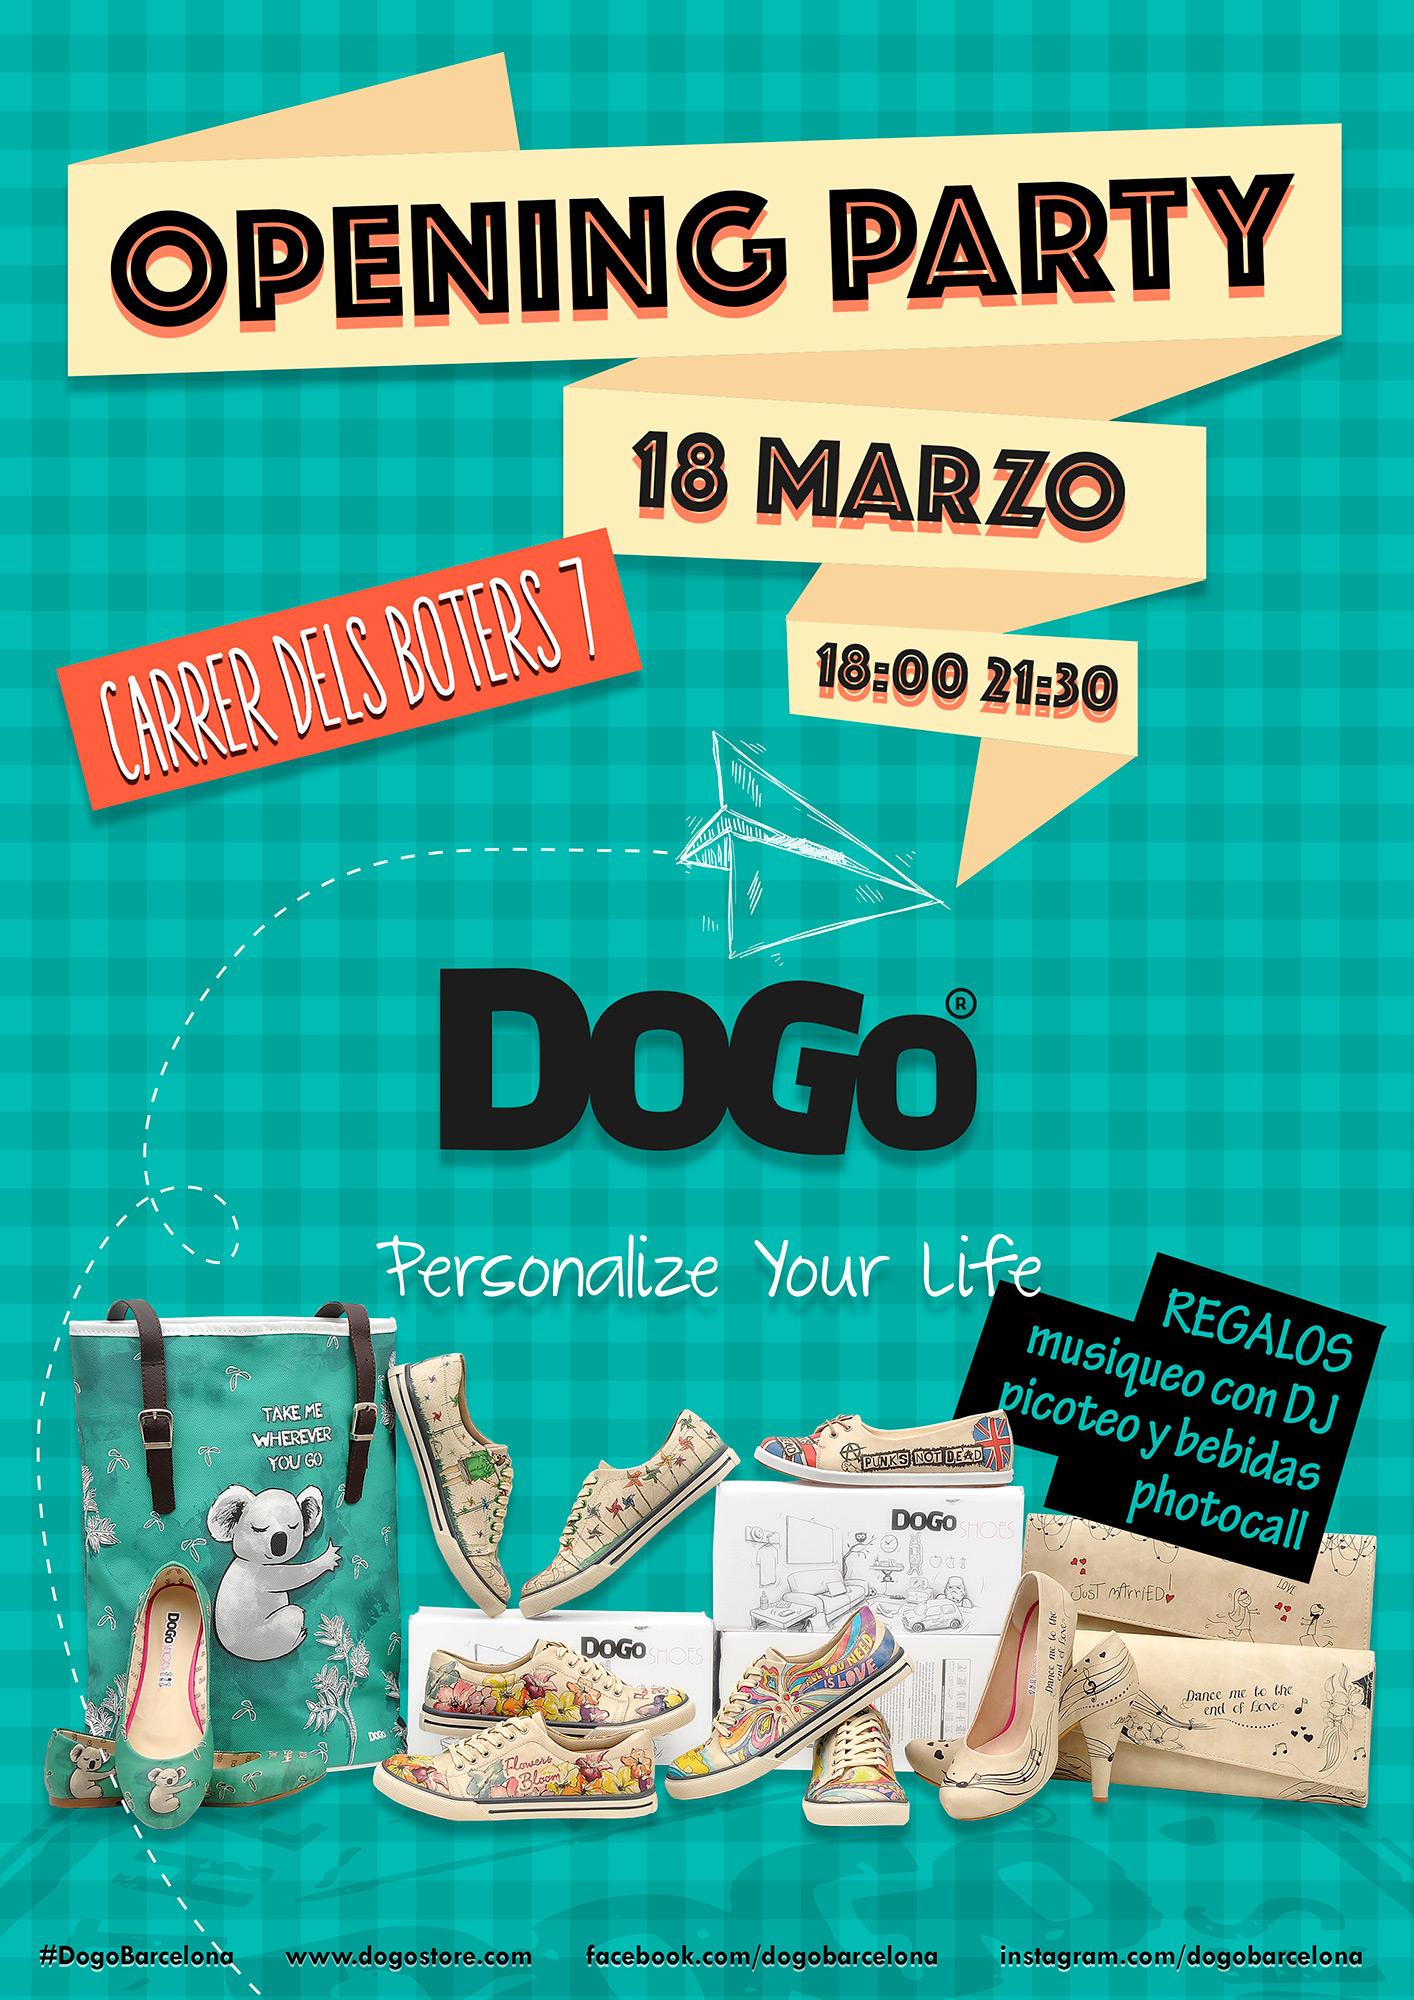 DOGO celebra su 'Opening Party' para inaugurar su nueva tienda en Barcelona